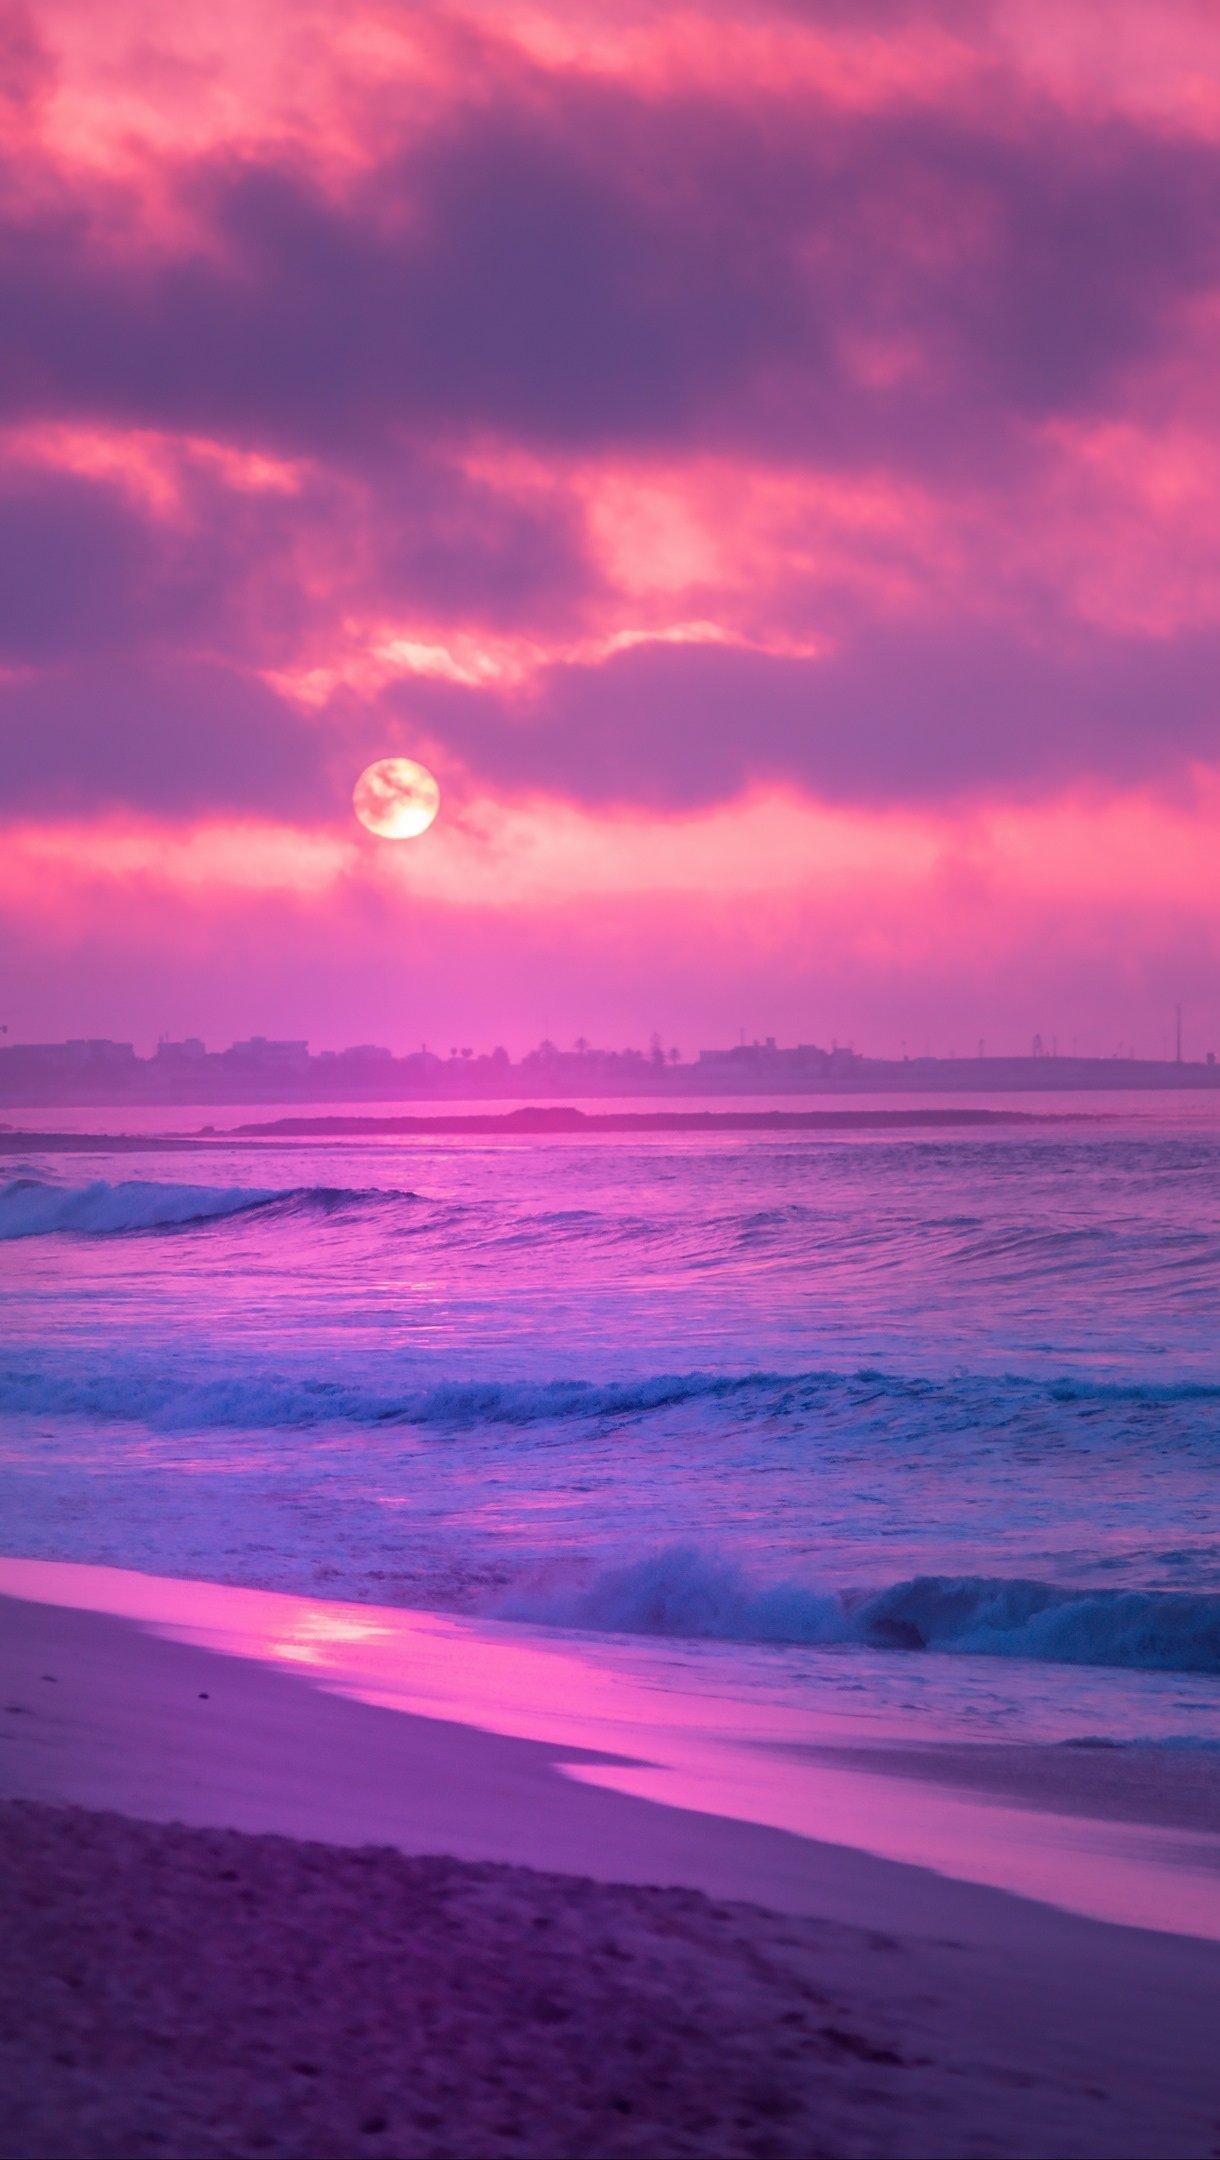 Fondos de pantalla Atardecer rosa en la playa Vertical